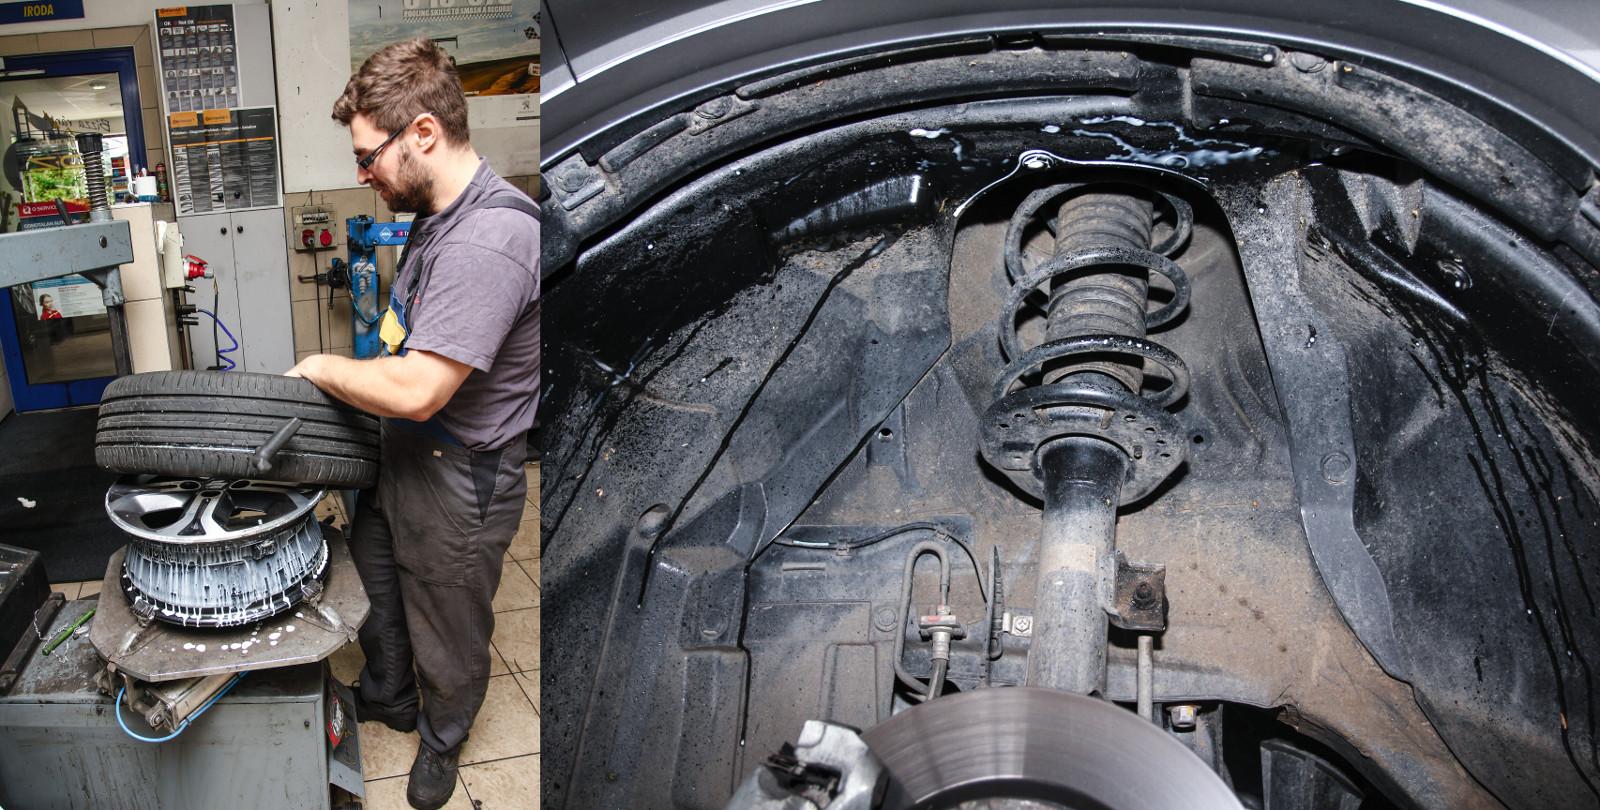 Hát ez az átlagosnál is koszosabb gumiszerelés, a forgó kerék folyamatosan verte ki a defektjavítót - minden mocskos lett. Fotó: Dombóvári Mihály